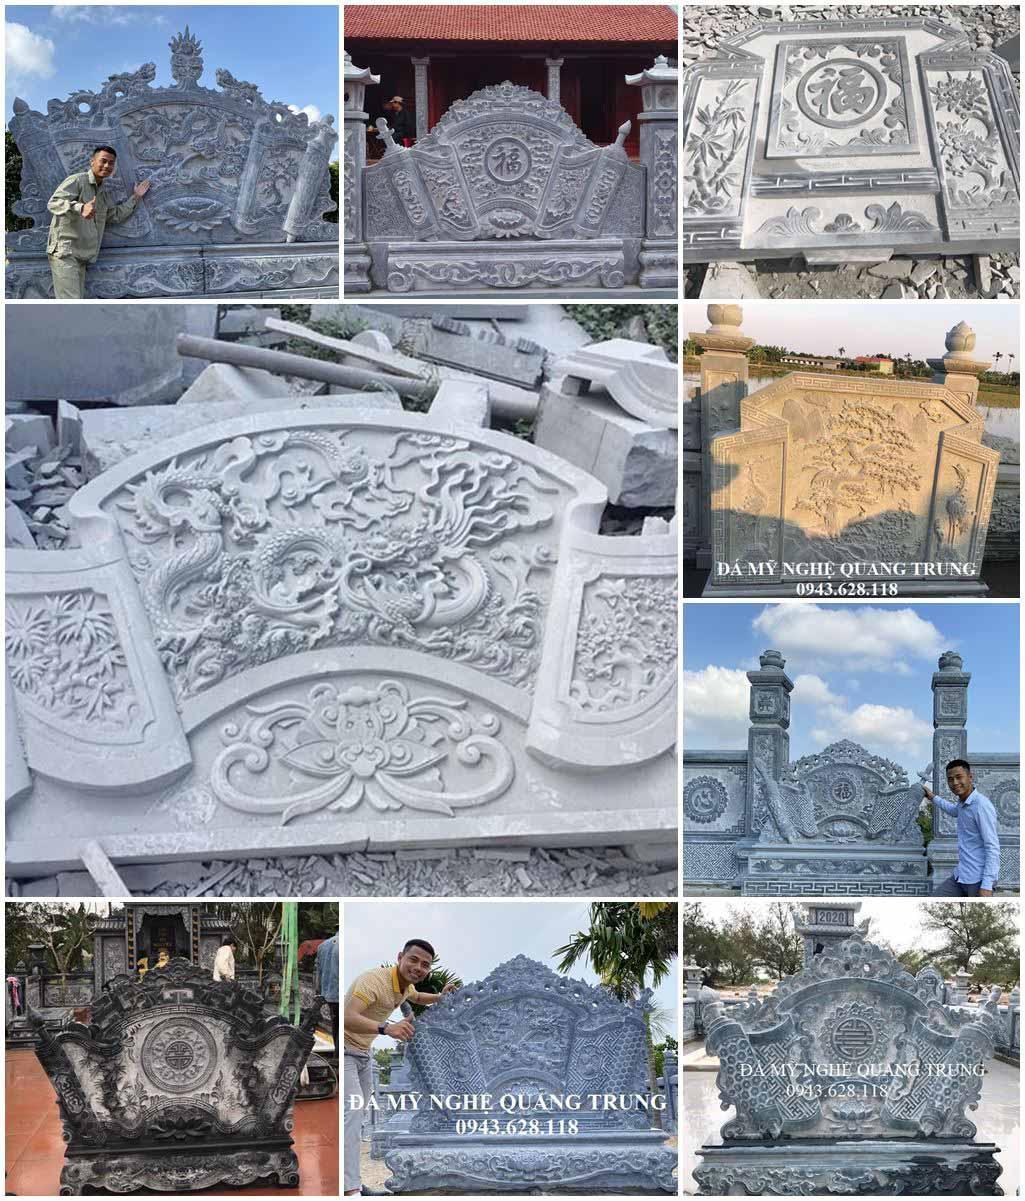 Cuốn thư đá đẹp cho khu lăng mộ đá xanh của gia tiên, dòng họ phổ biến hiện nay.